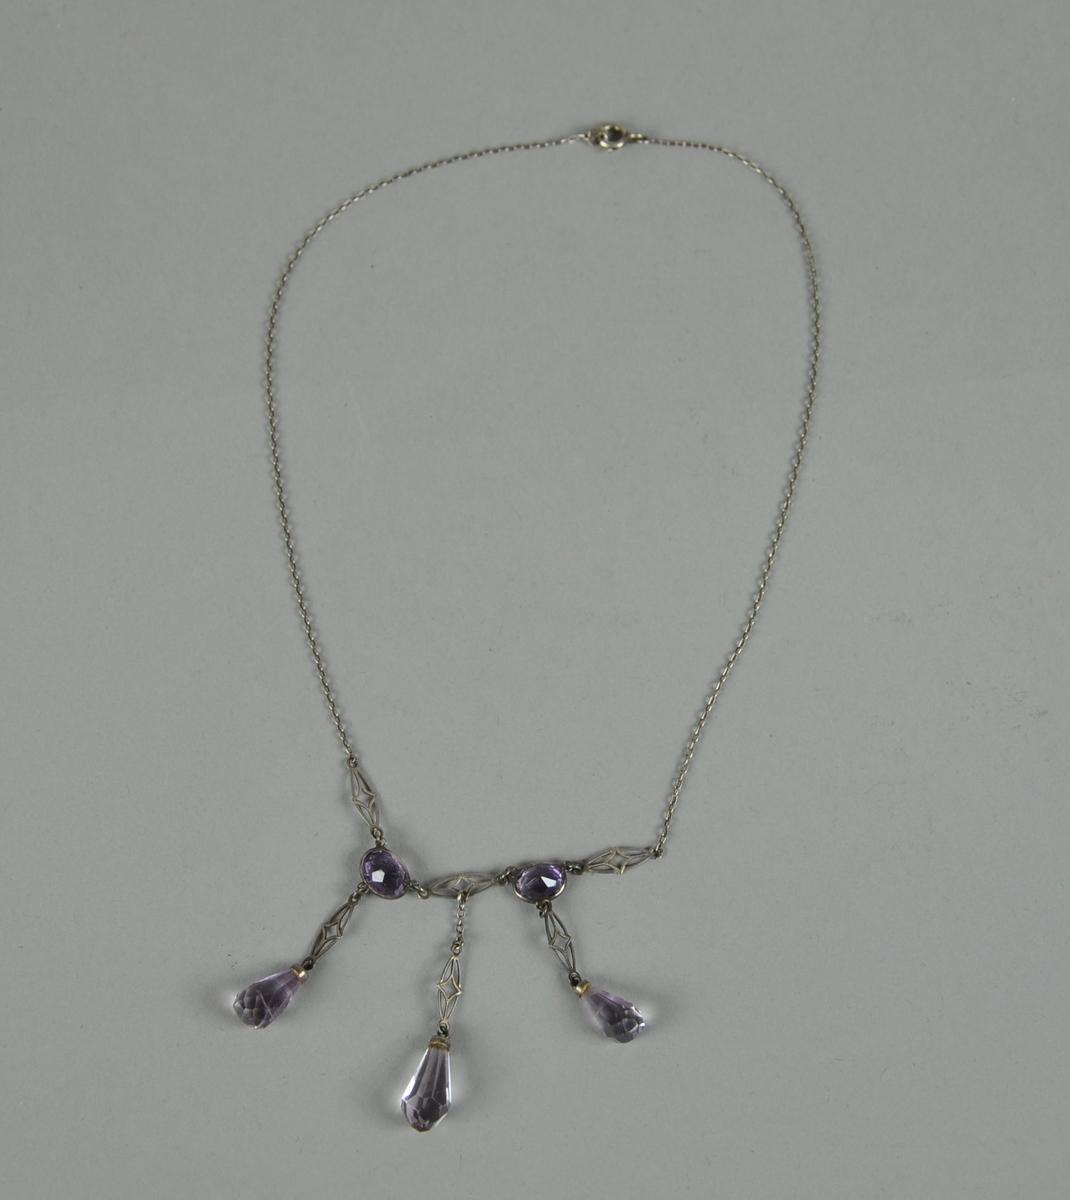 Halskjede av sølv. Kjedet har to ovale ametyster og tre dråpeformede ametyster, med dekorative mellomledd. Det er stempler på den ene hempen.